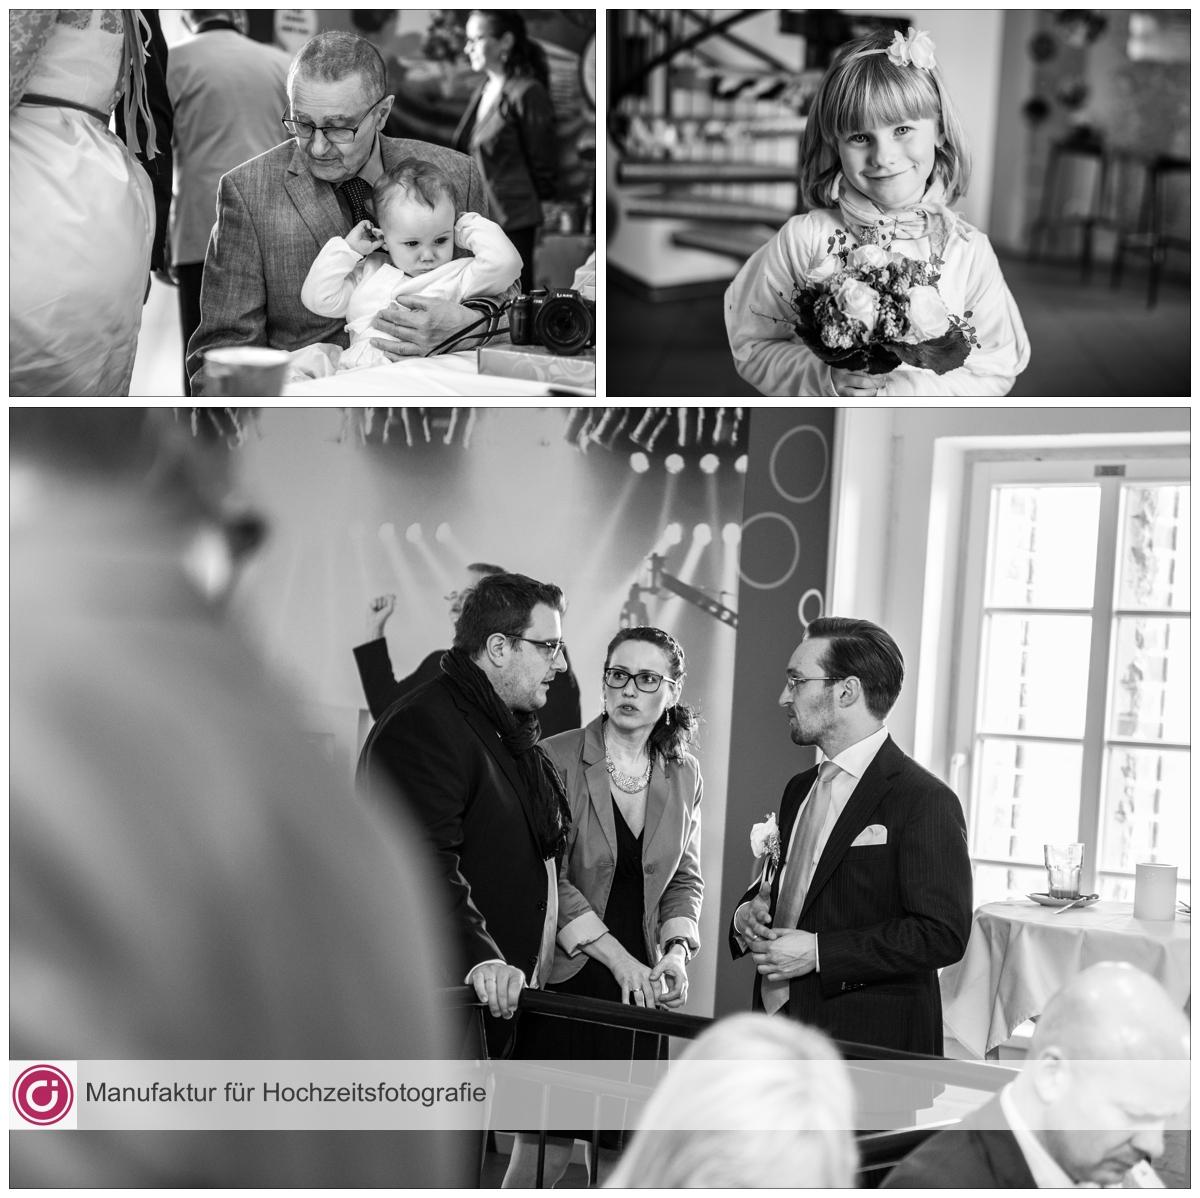 Hochzeitsfotografie-Lueneburg-Hochzeitsfotograf-Berlin-Hamburg-Zuerich-20